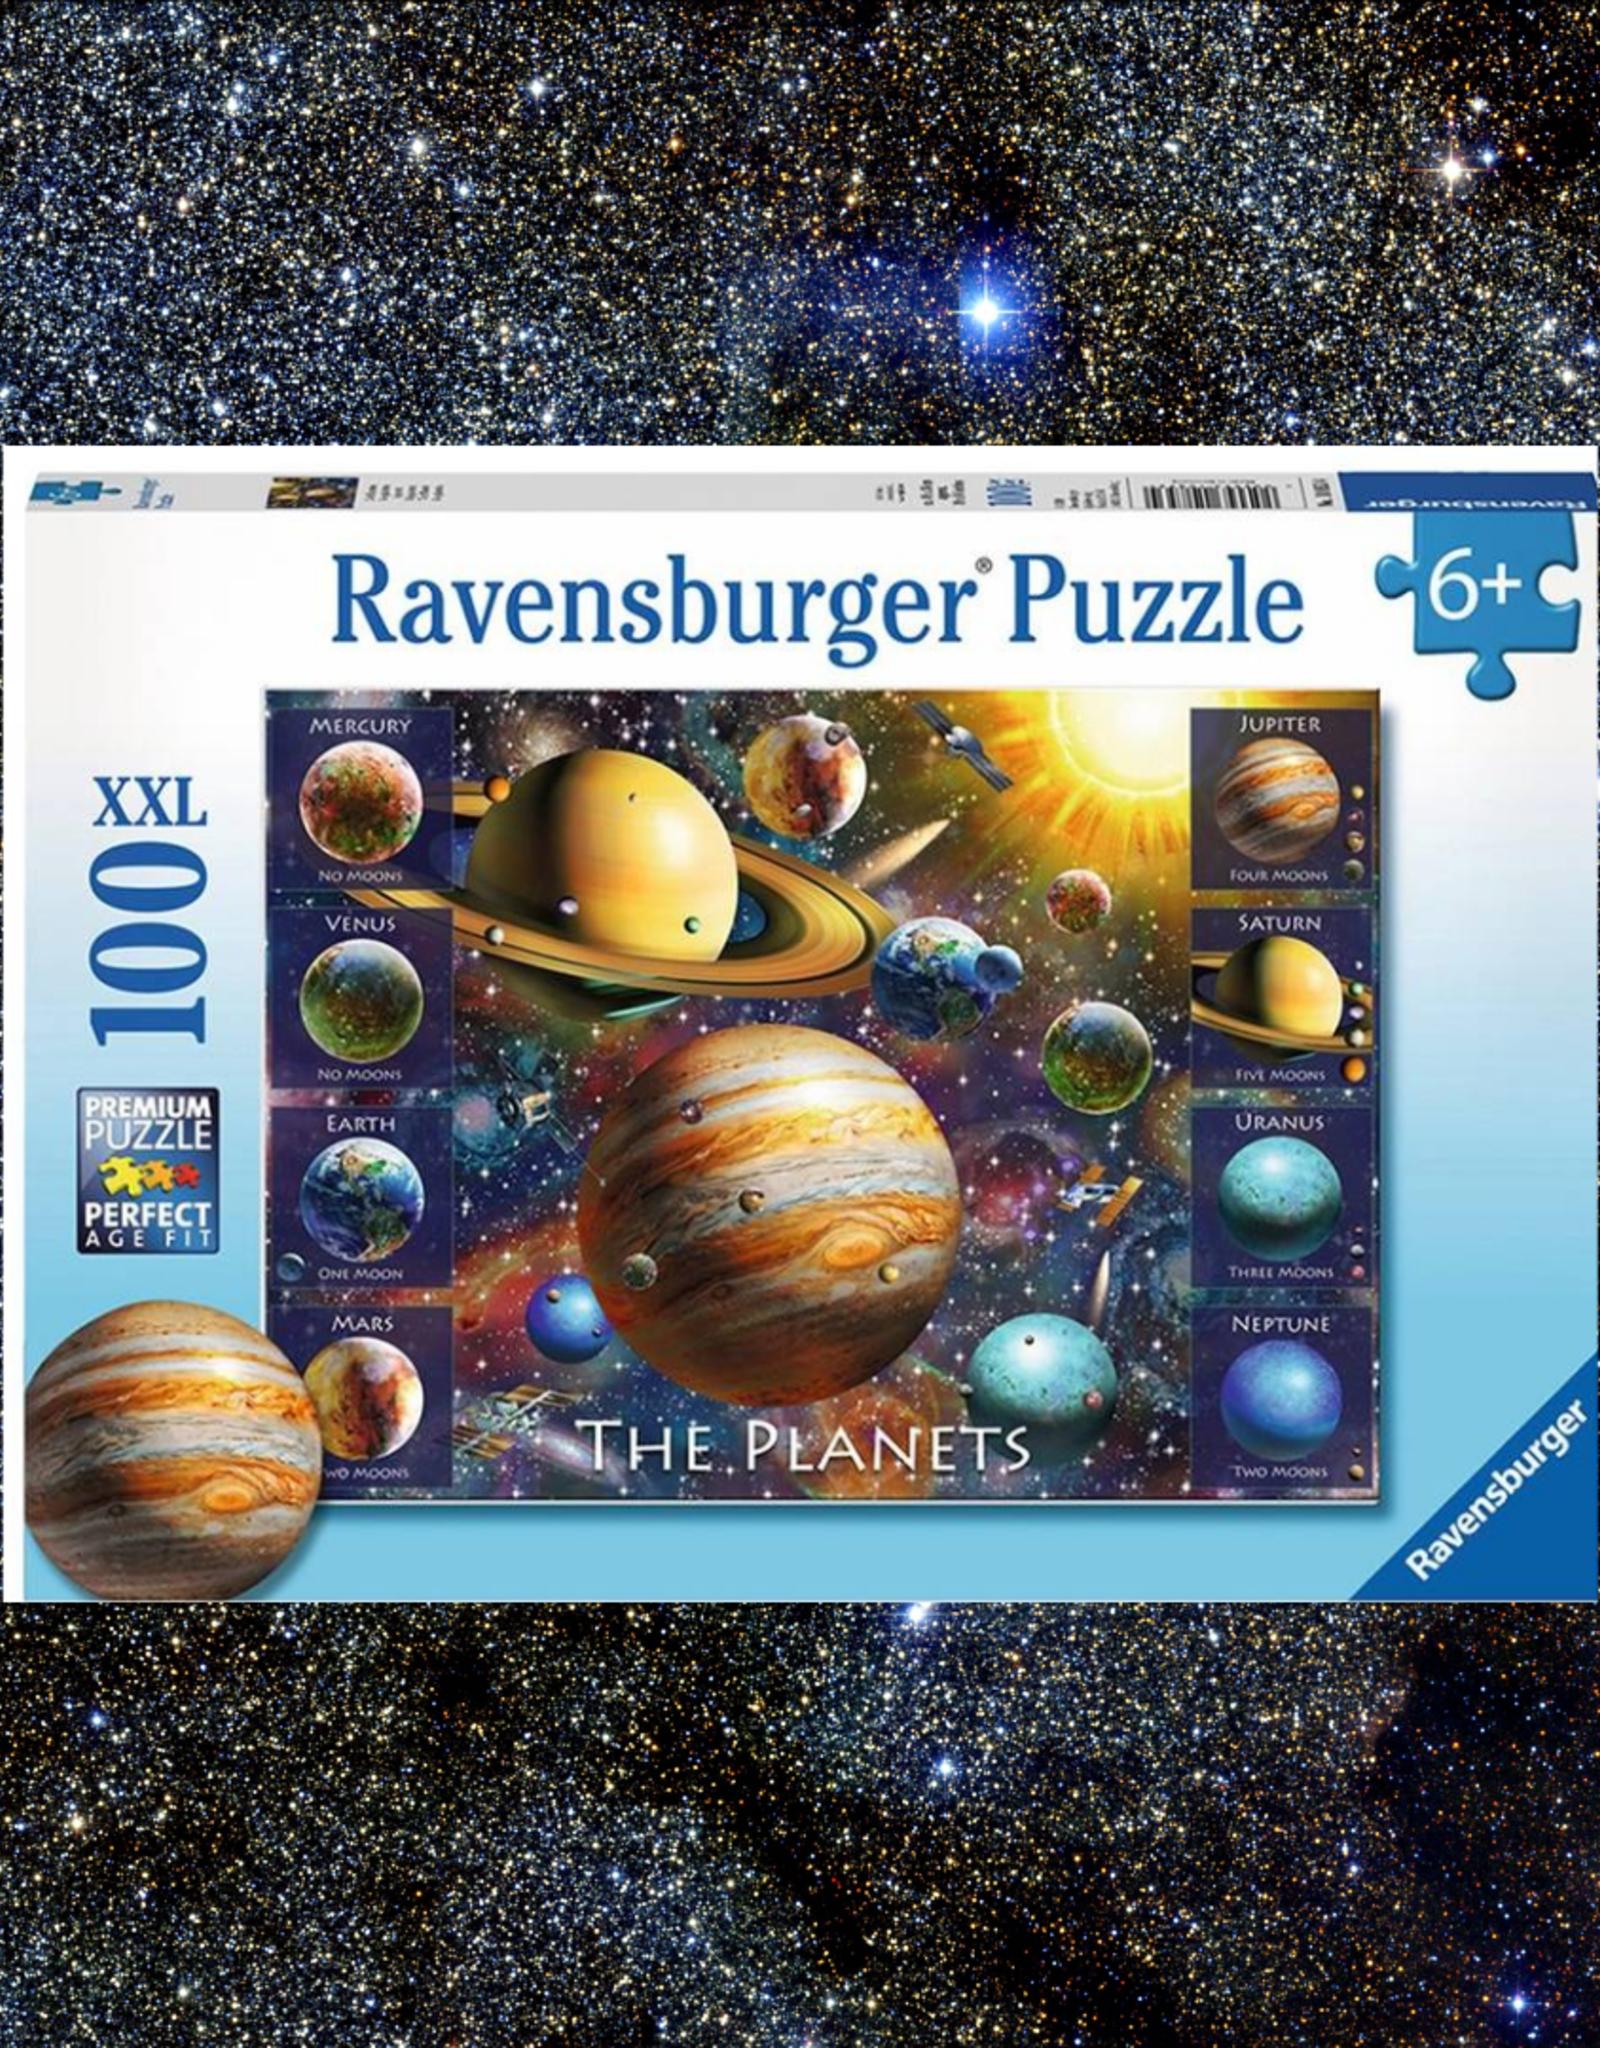 RAVENSBURGER PUZZLE 100PC RAVENSBURGER THE PLANETS